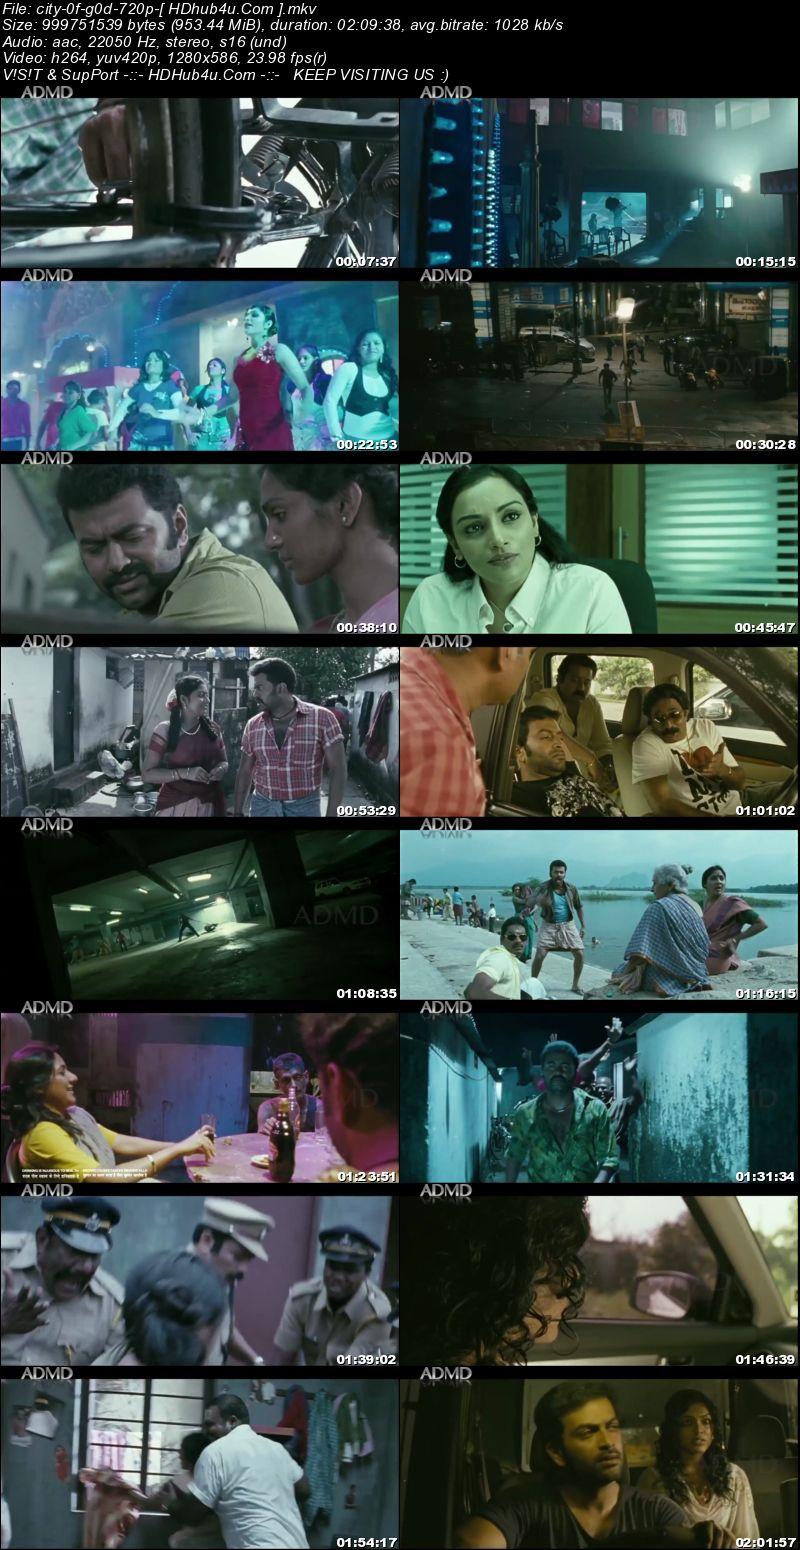 City Of God 2011 Hindi Dubbed 720p HDRip 950mb Download